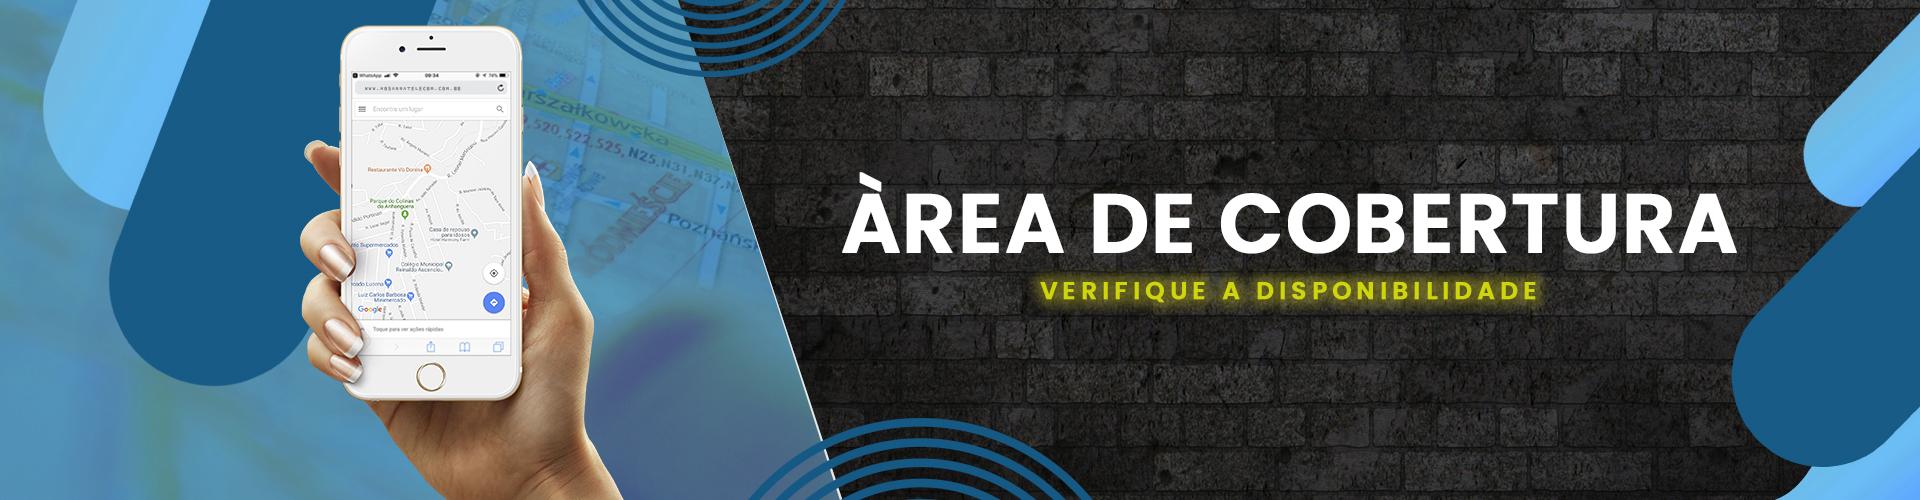 blackfriday_area_de_cobertura